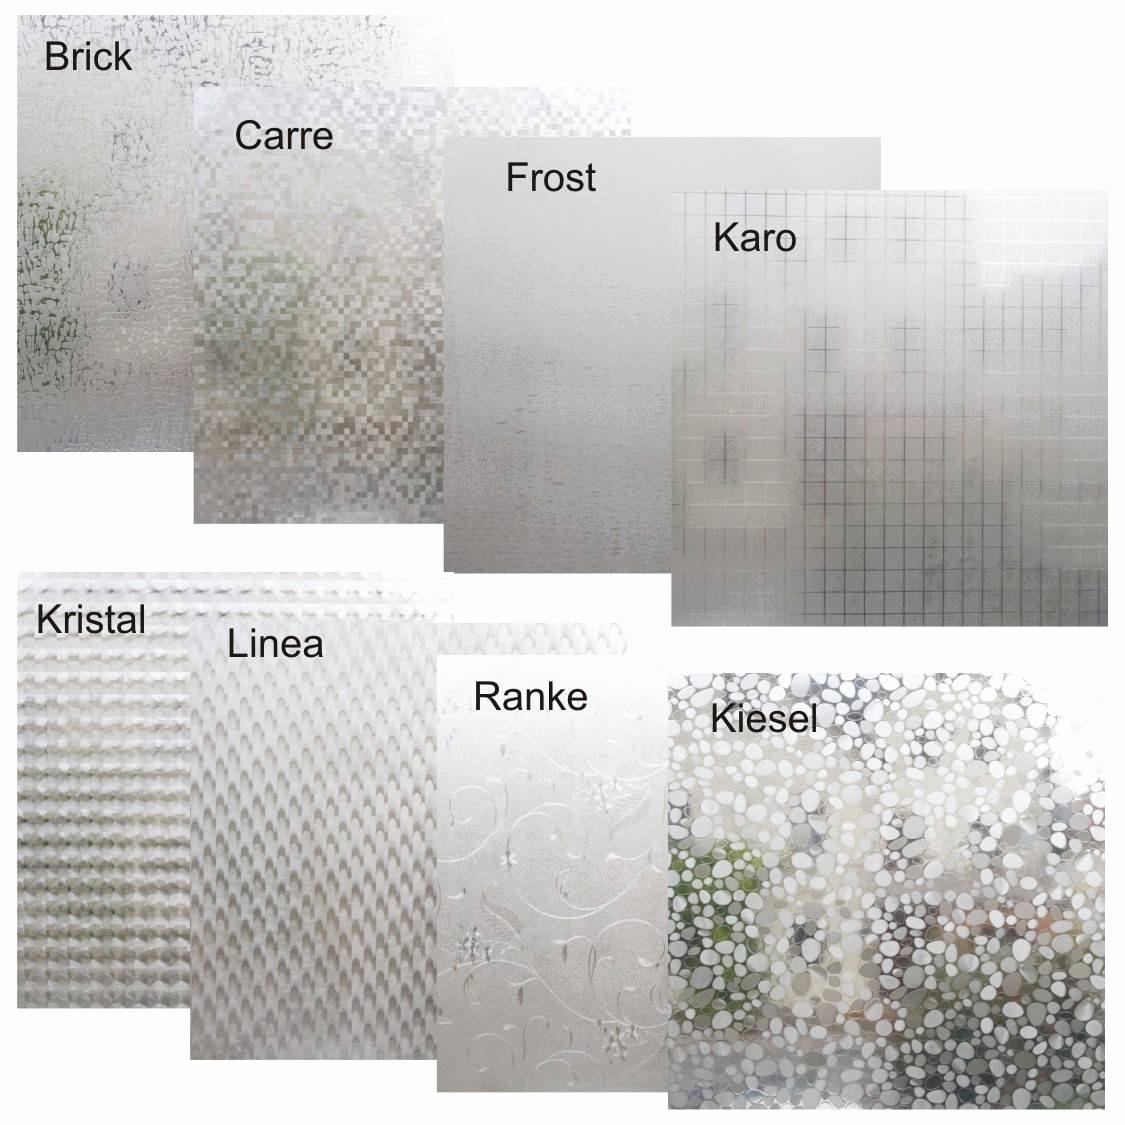 Full Size of Fensterfolie Ikea Blickdicht Statische Anbringen Bad Sichtschutz Sofa Mit Schlaffunktion Modulküche Küche Kosten Kaufen Betten 160x200 Bei Miniküche Wohnzimmer Fensterfolie Ikea